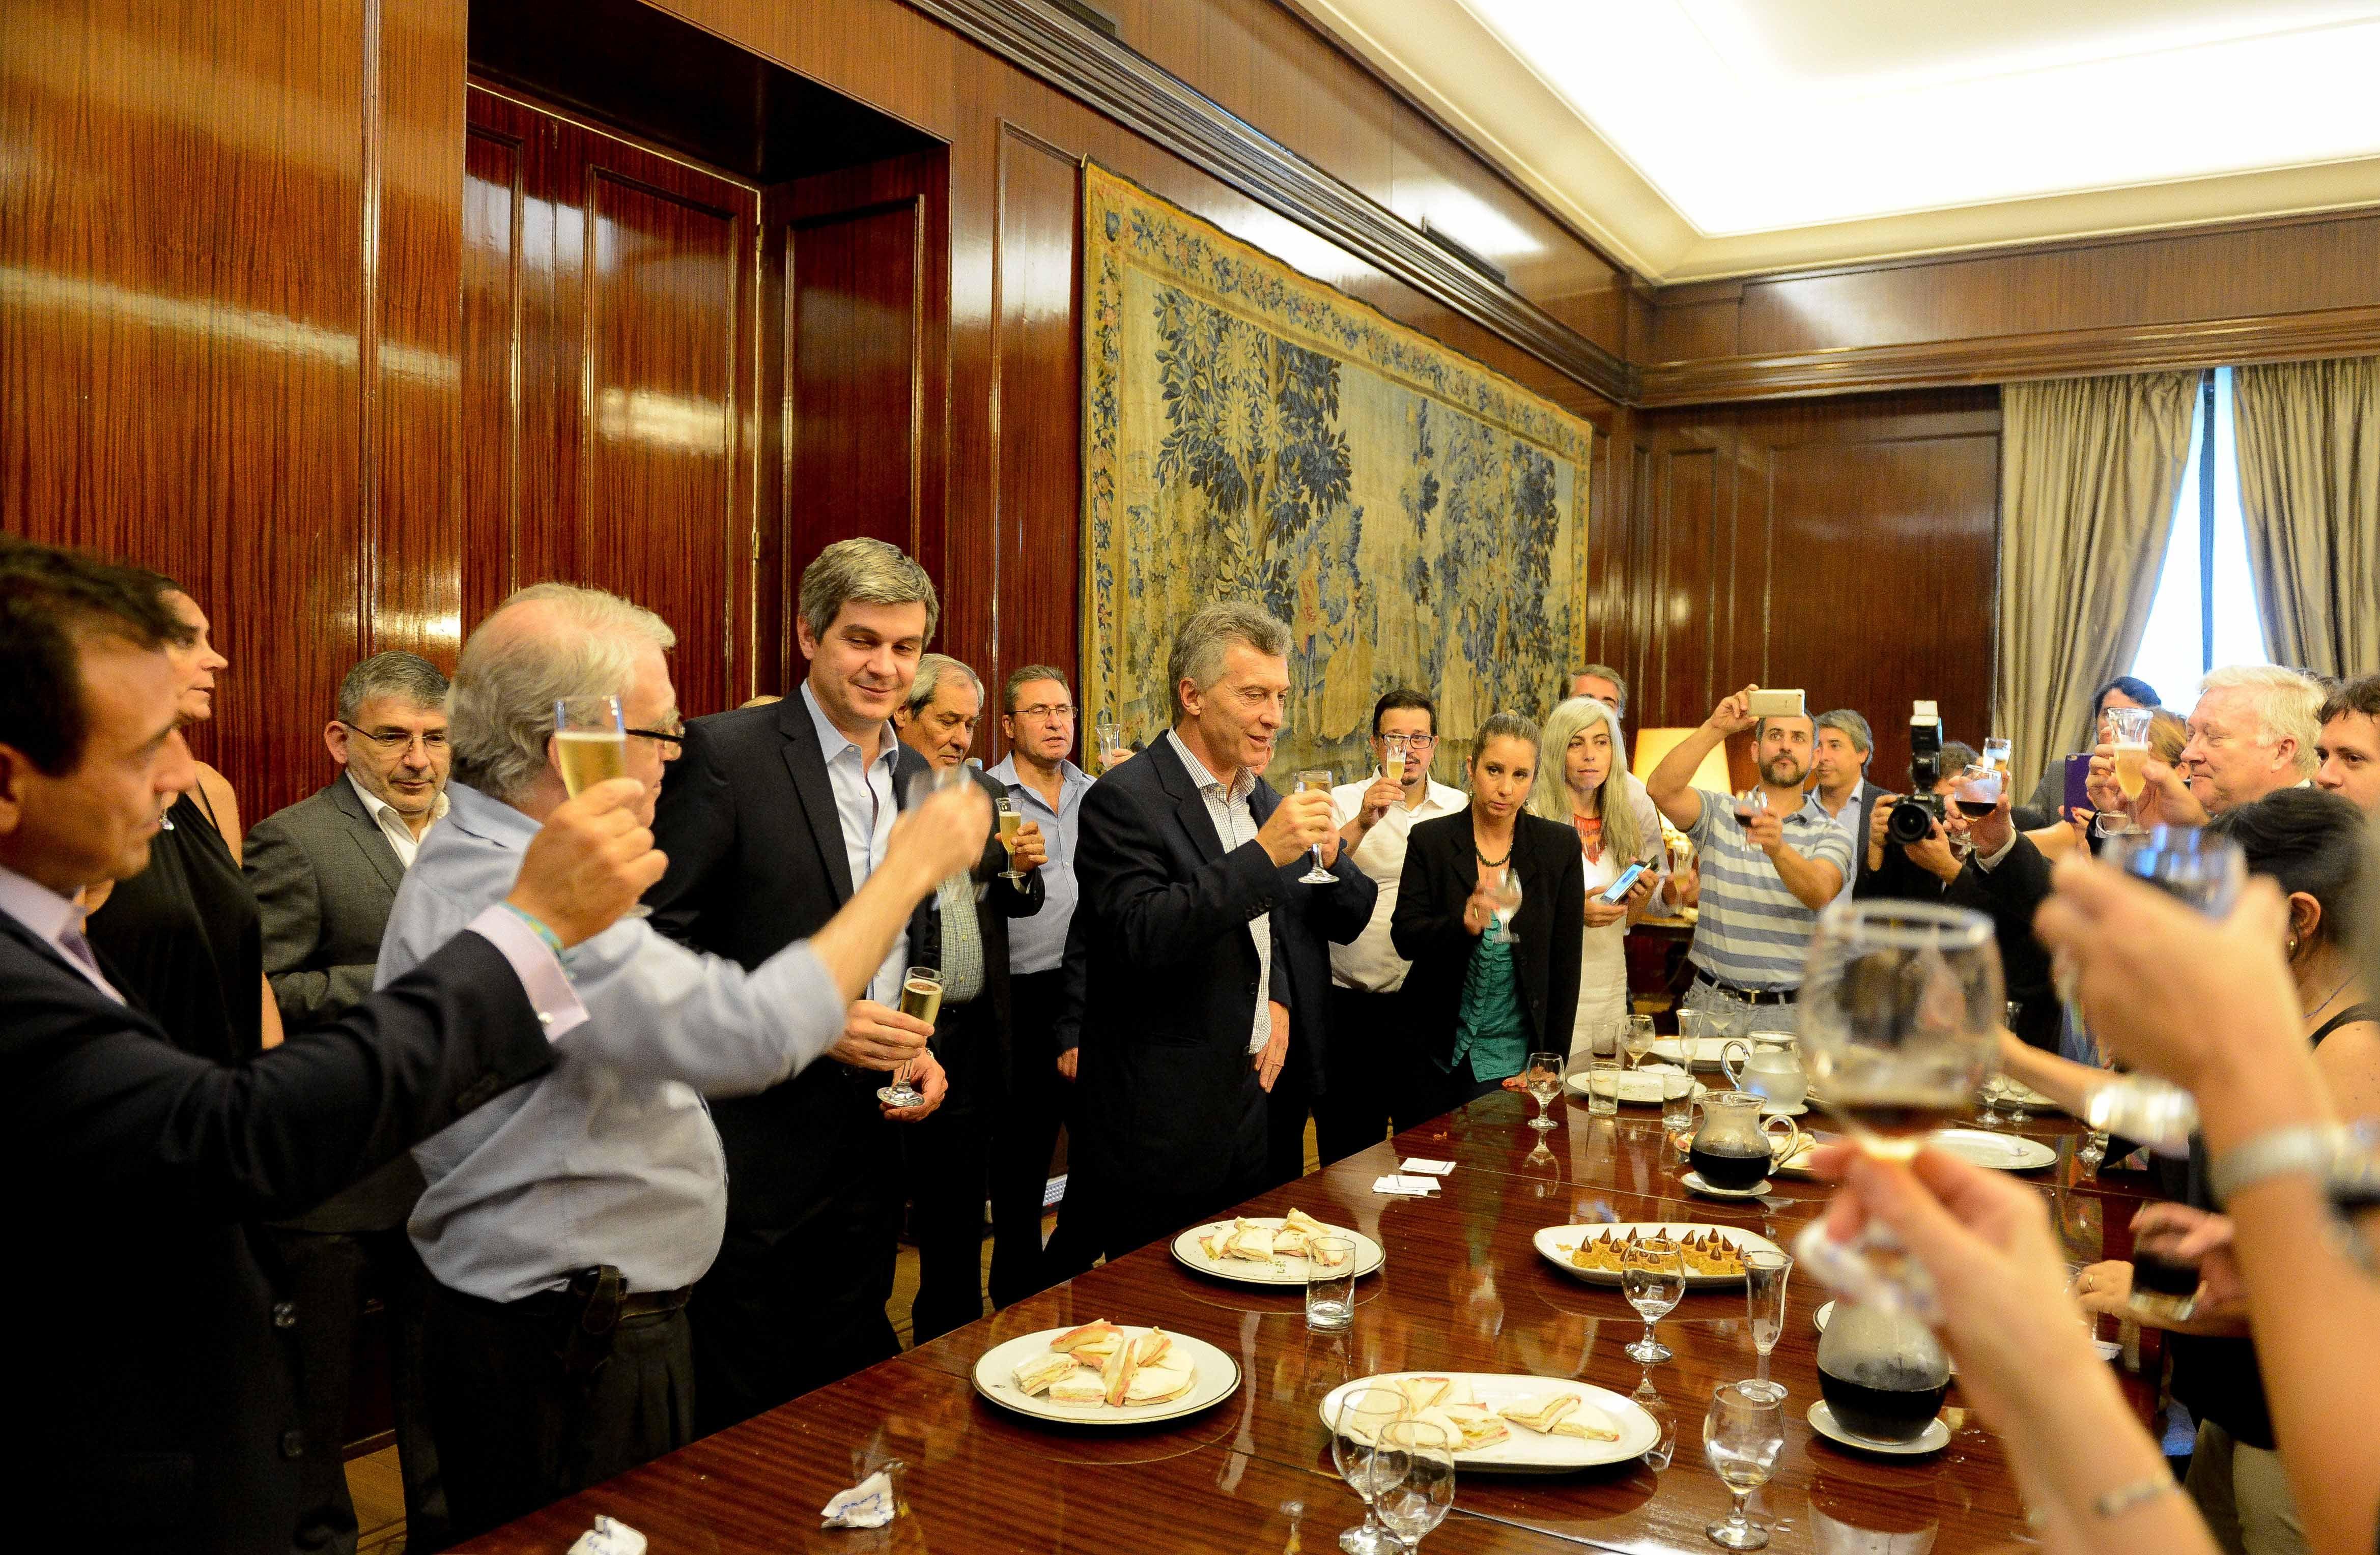 El presidente Macri realizó un particular balance de su primer año de gestión